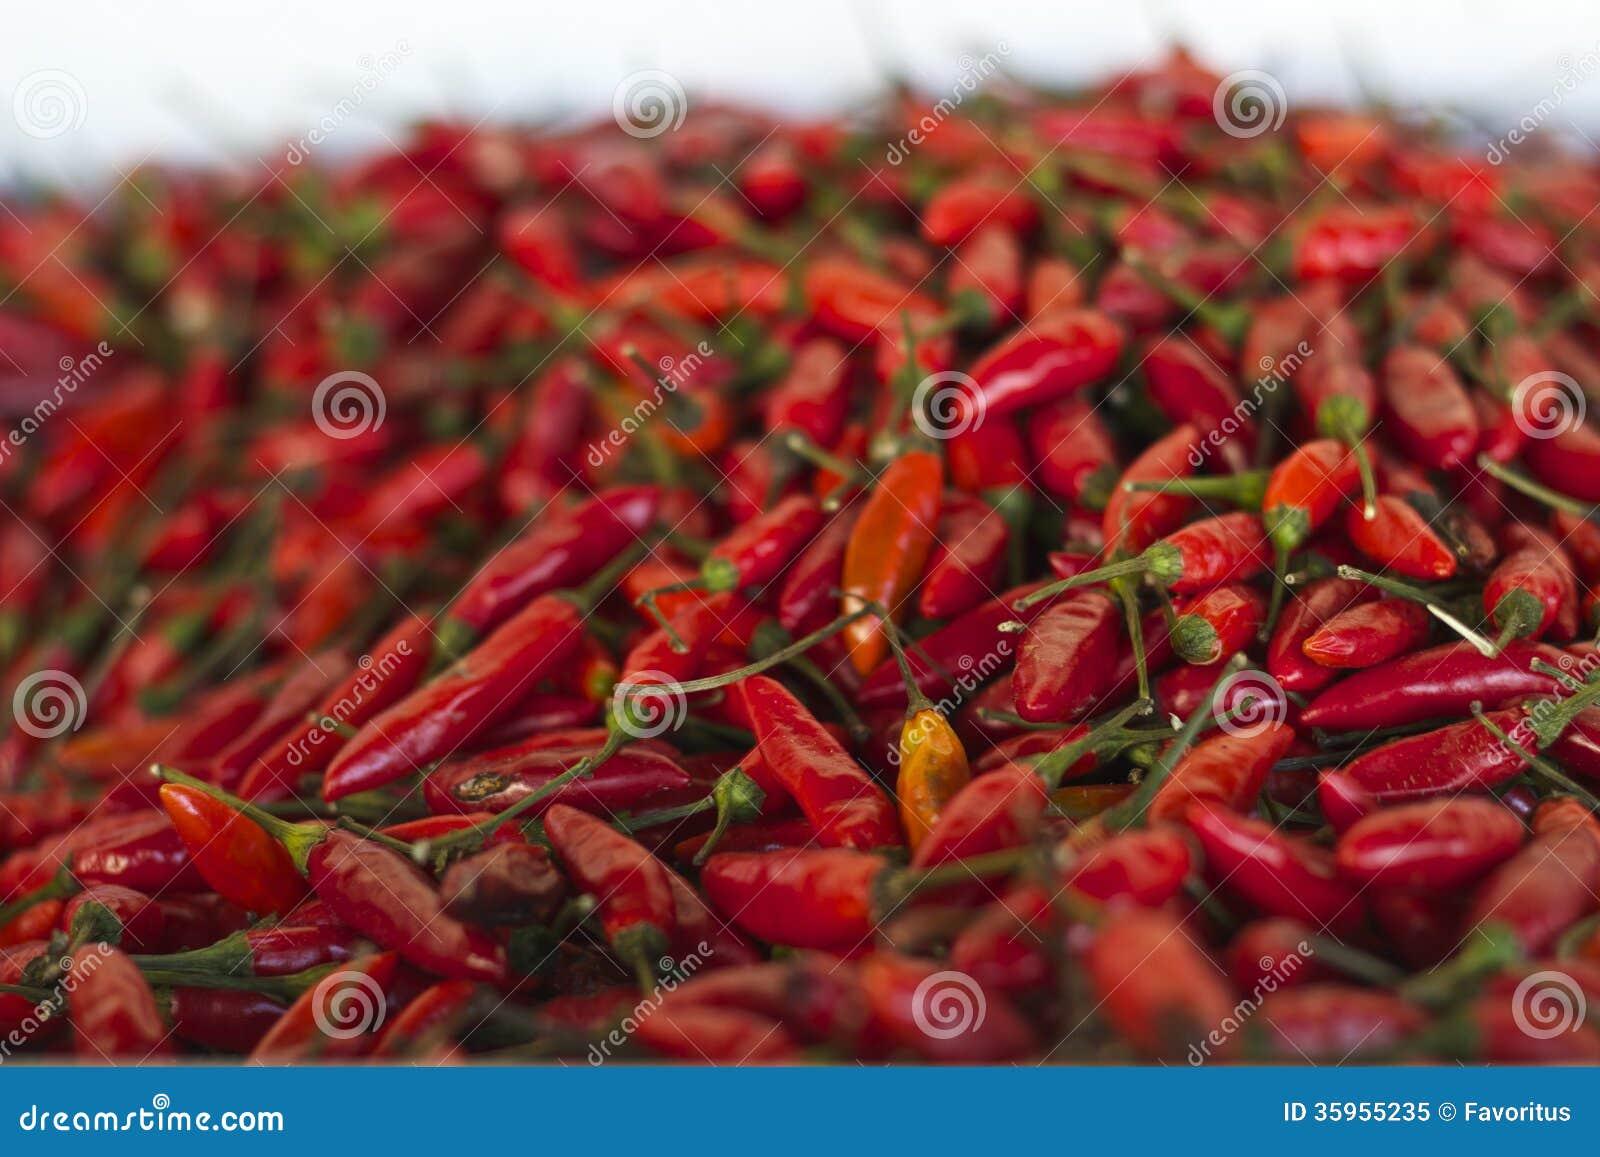 Fresh Chili Peppers Paprika Spices Cuisine Peri Peri Piri